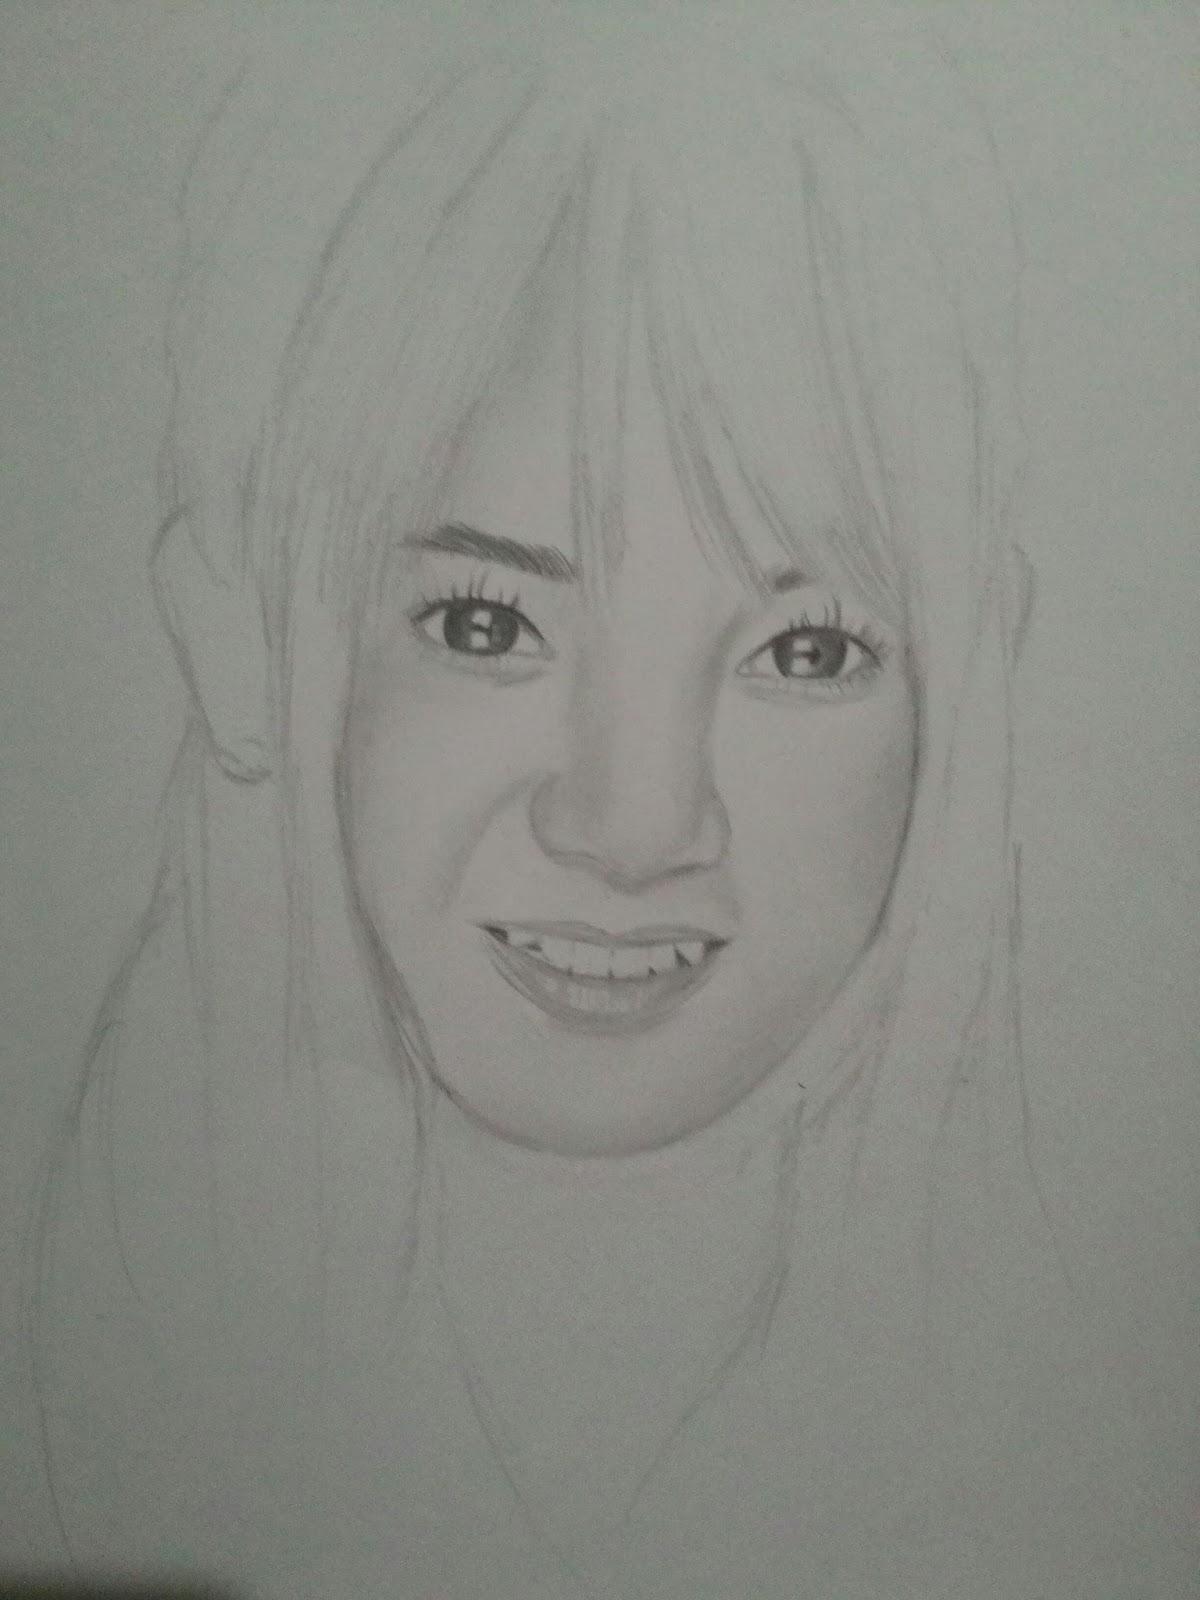 Setelah kalian membuat sketsa dasar dari objek kalian selanjutnya kalian boleh mengarsir menebalkan bagian wajah dahulu ataupun rambut dahulu